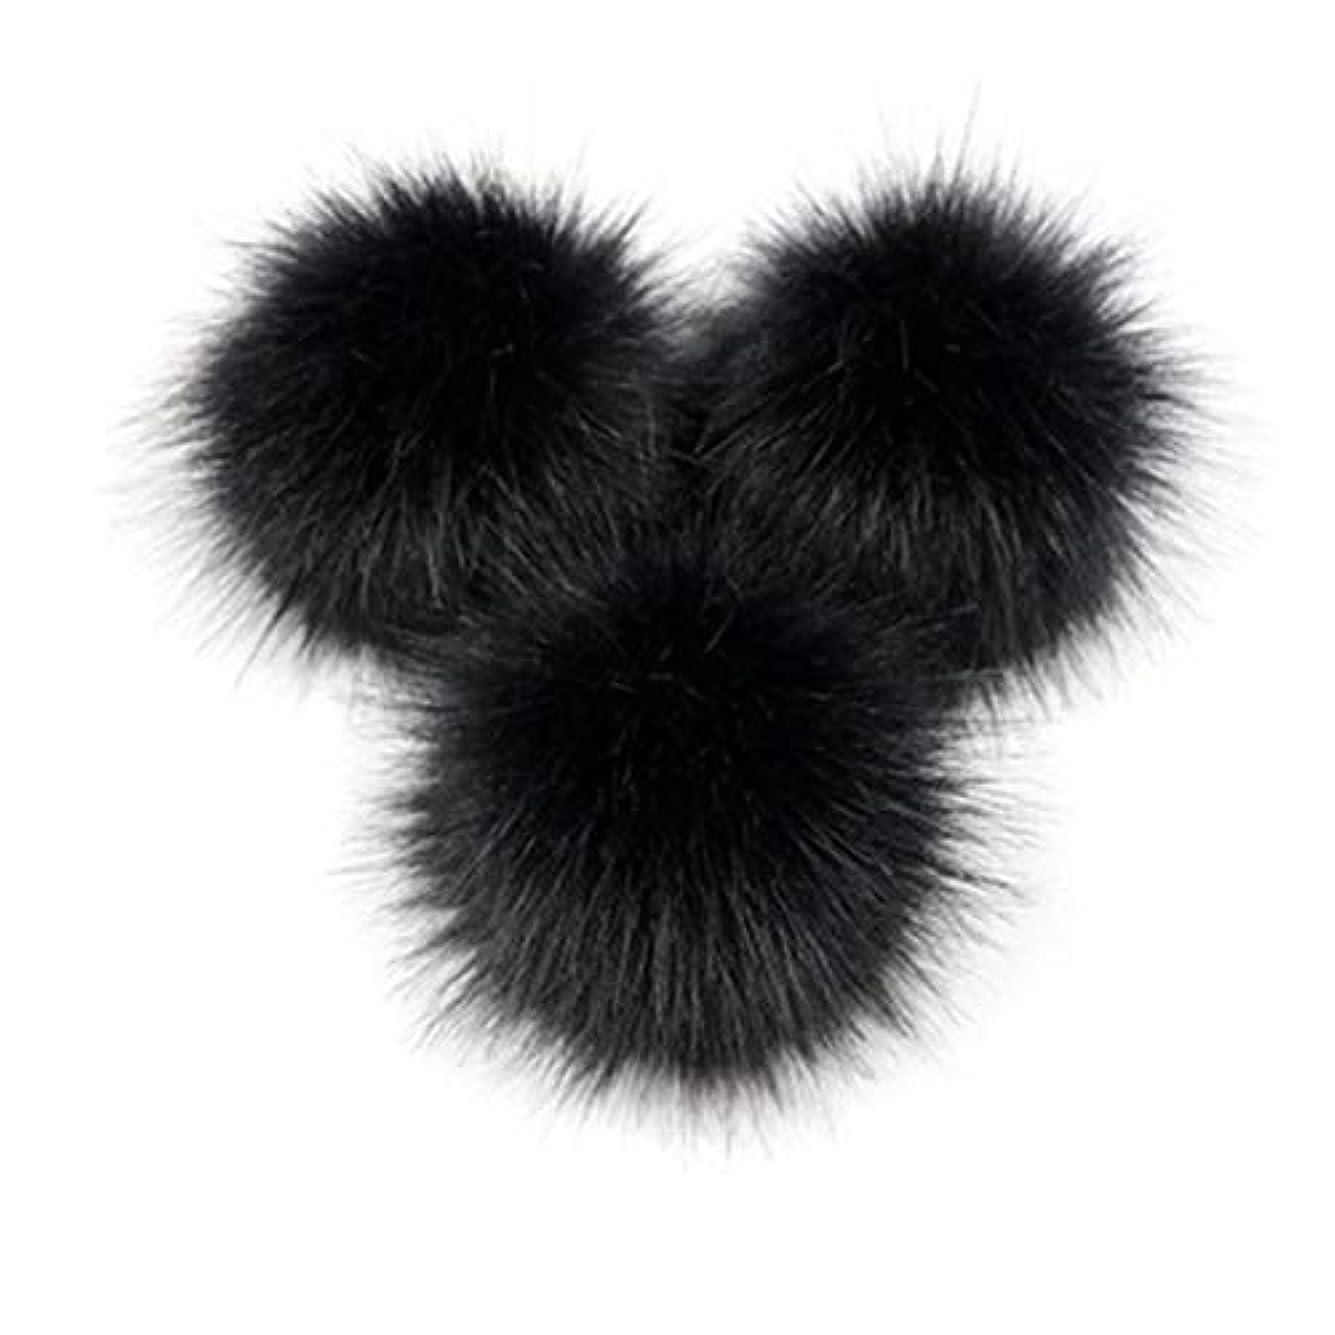 ドライ残り物壮大Kongqiabonaかわいいキツネの毛皮のポンポン取り外し可能な毛皮ふわふわボブルボールでプレスボタン用diy帽子キャップバッグ服靴の装飾